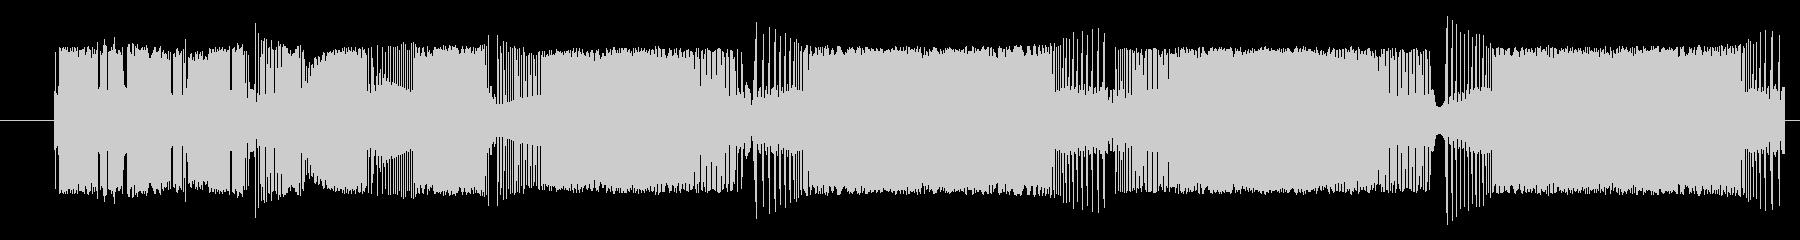 FX アカルデの敵01の未再生の波形